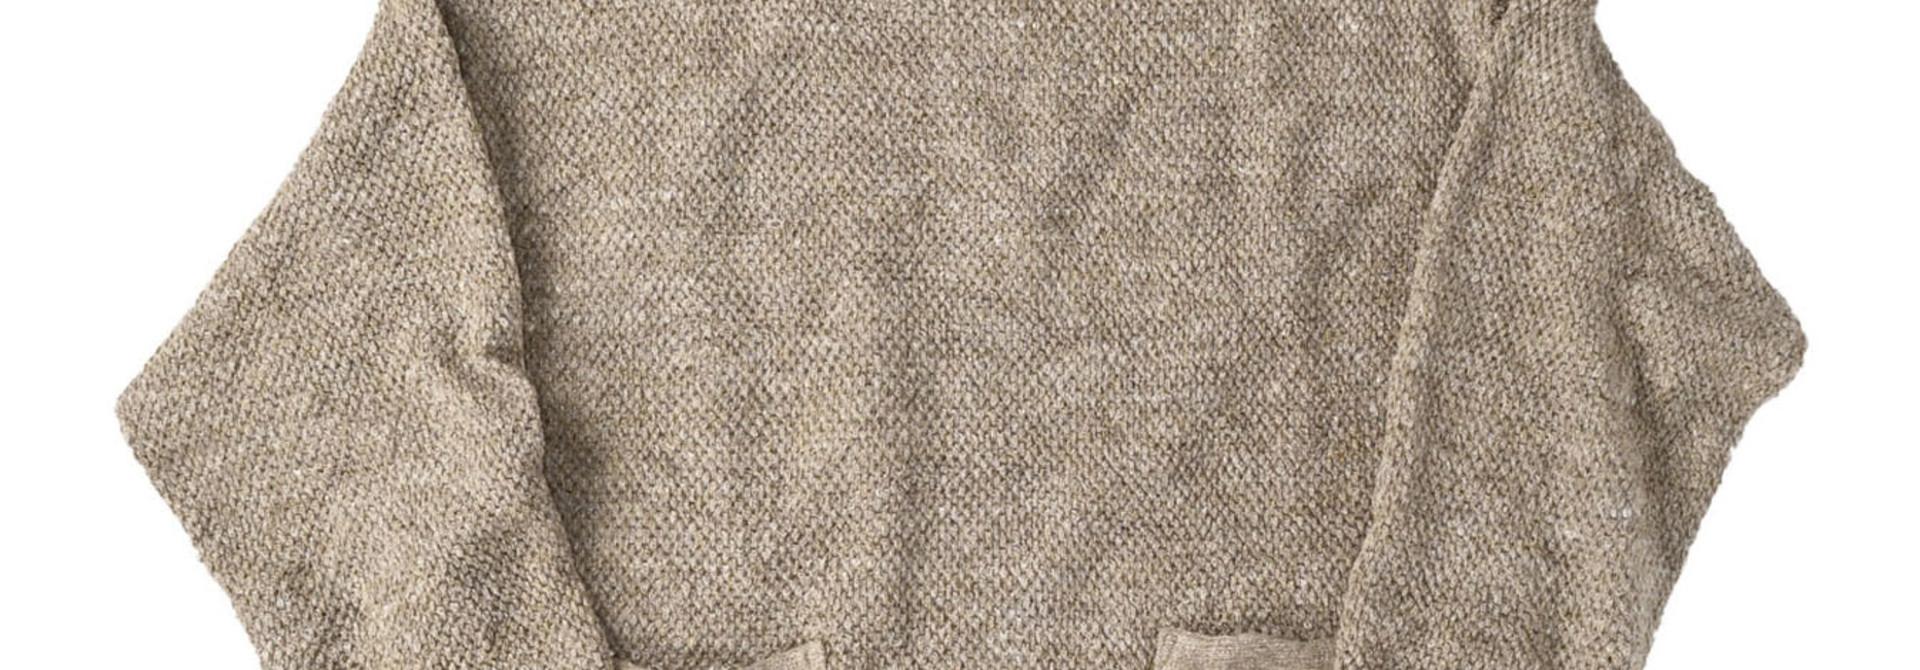 Linen Pique 908 Umahiko Sweater(0721)